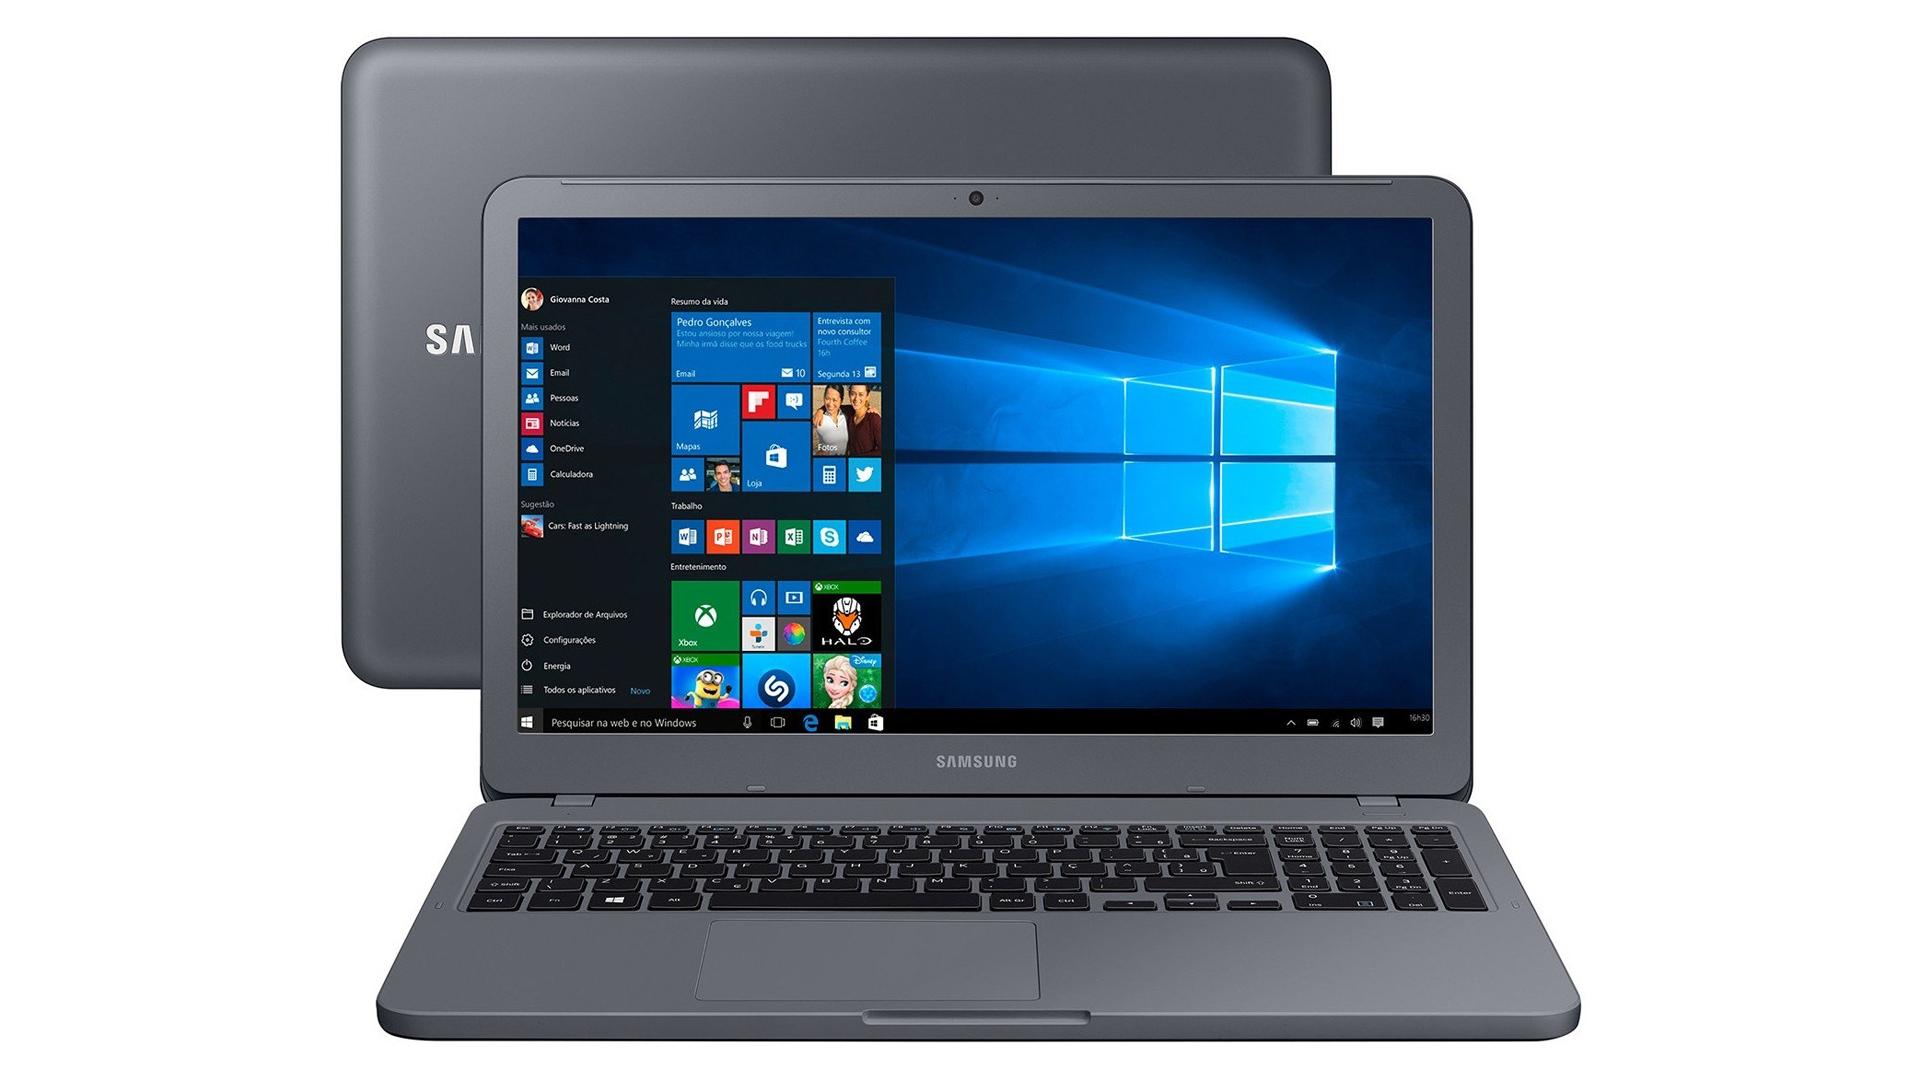 Hardware e desempenho do Samsung essentials e30